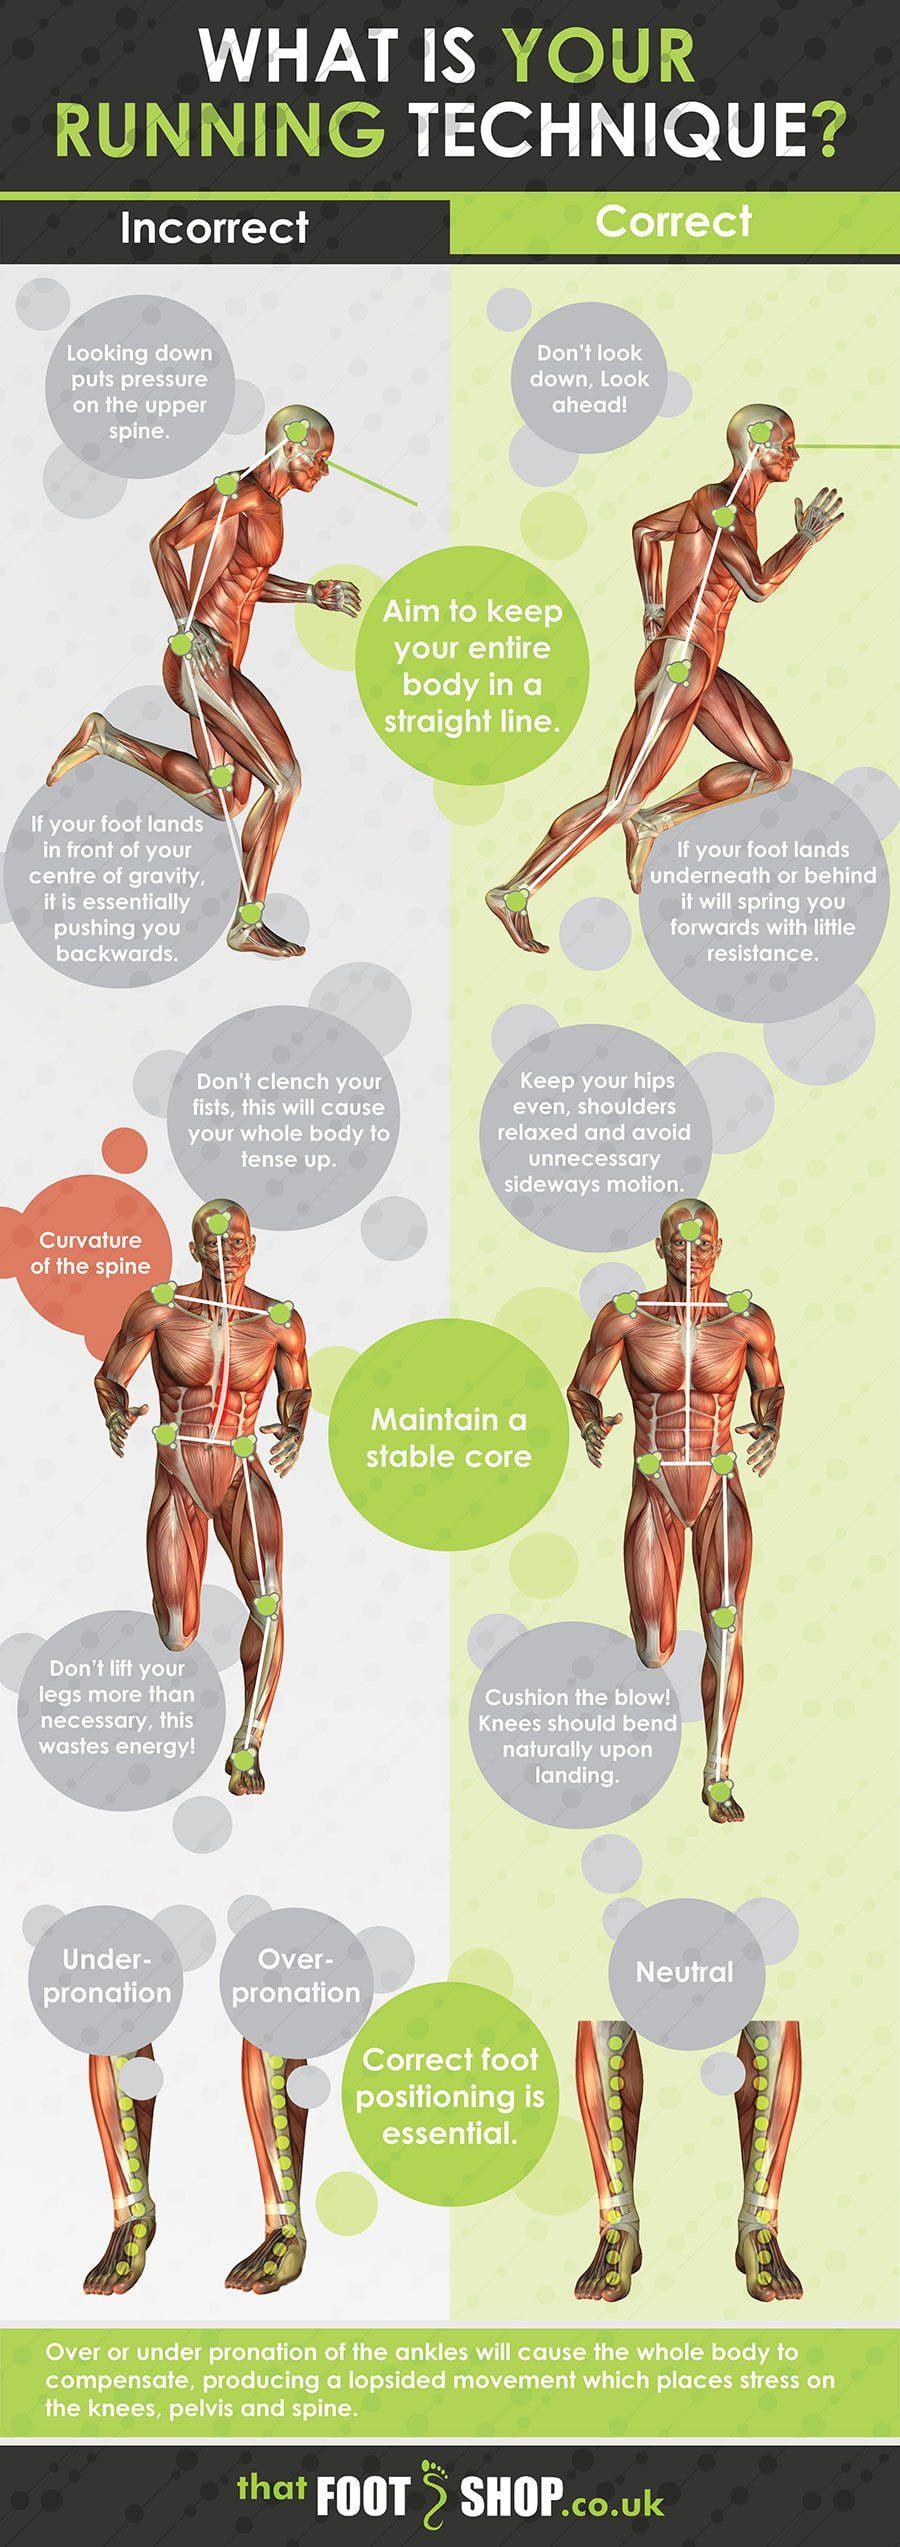 आपके चलने की तकनीक के बारे में इन्फोग्राफिक्स